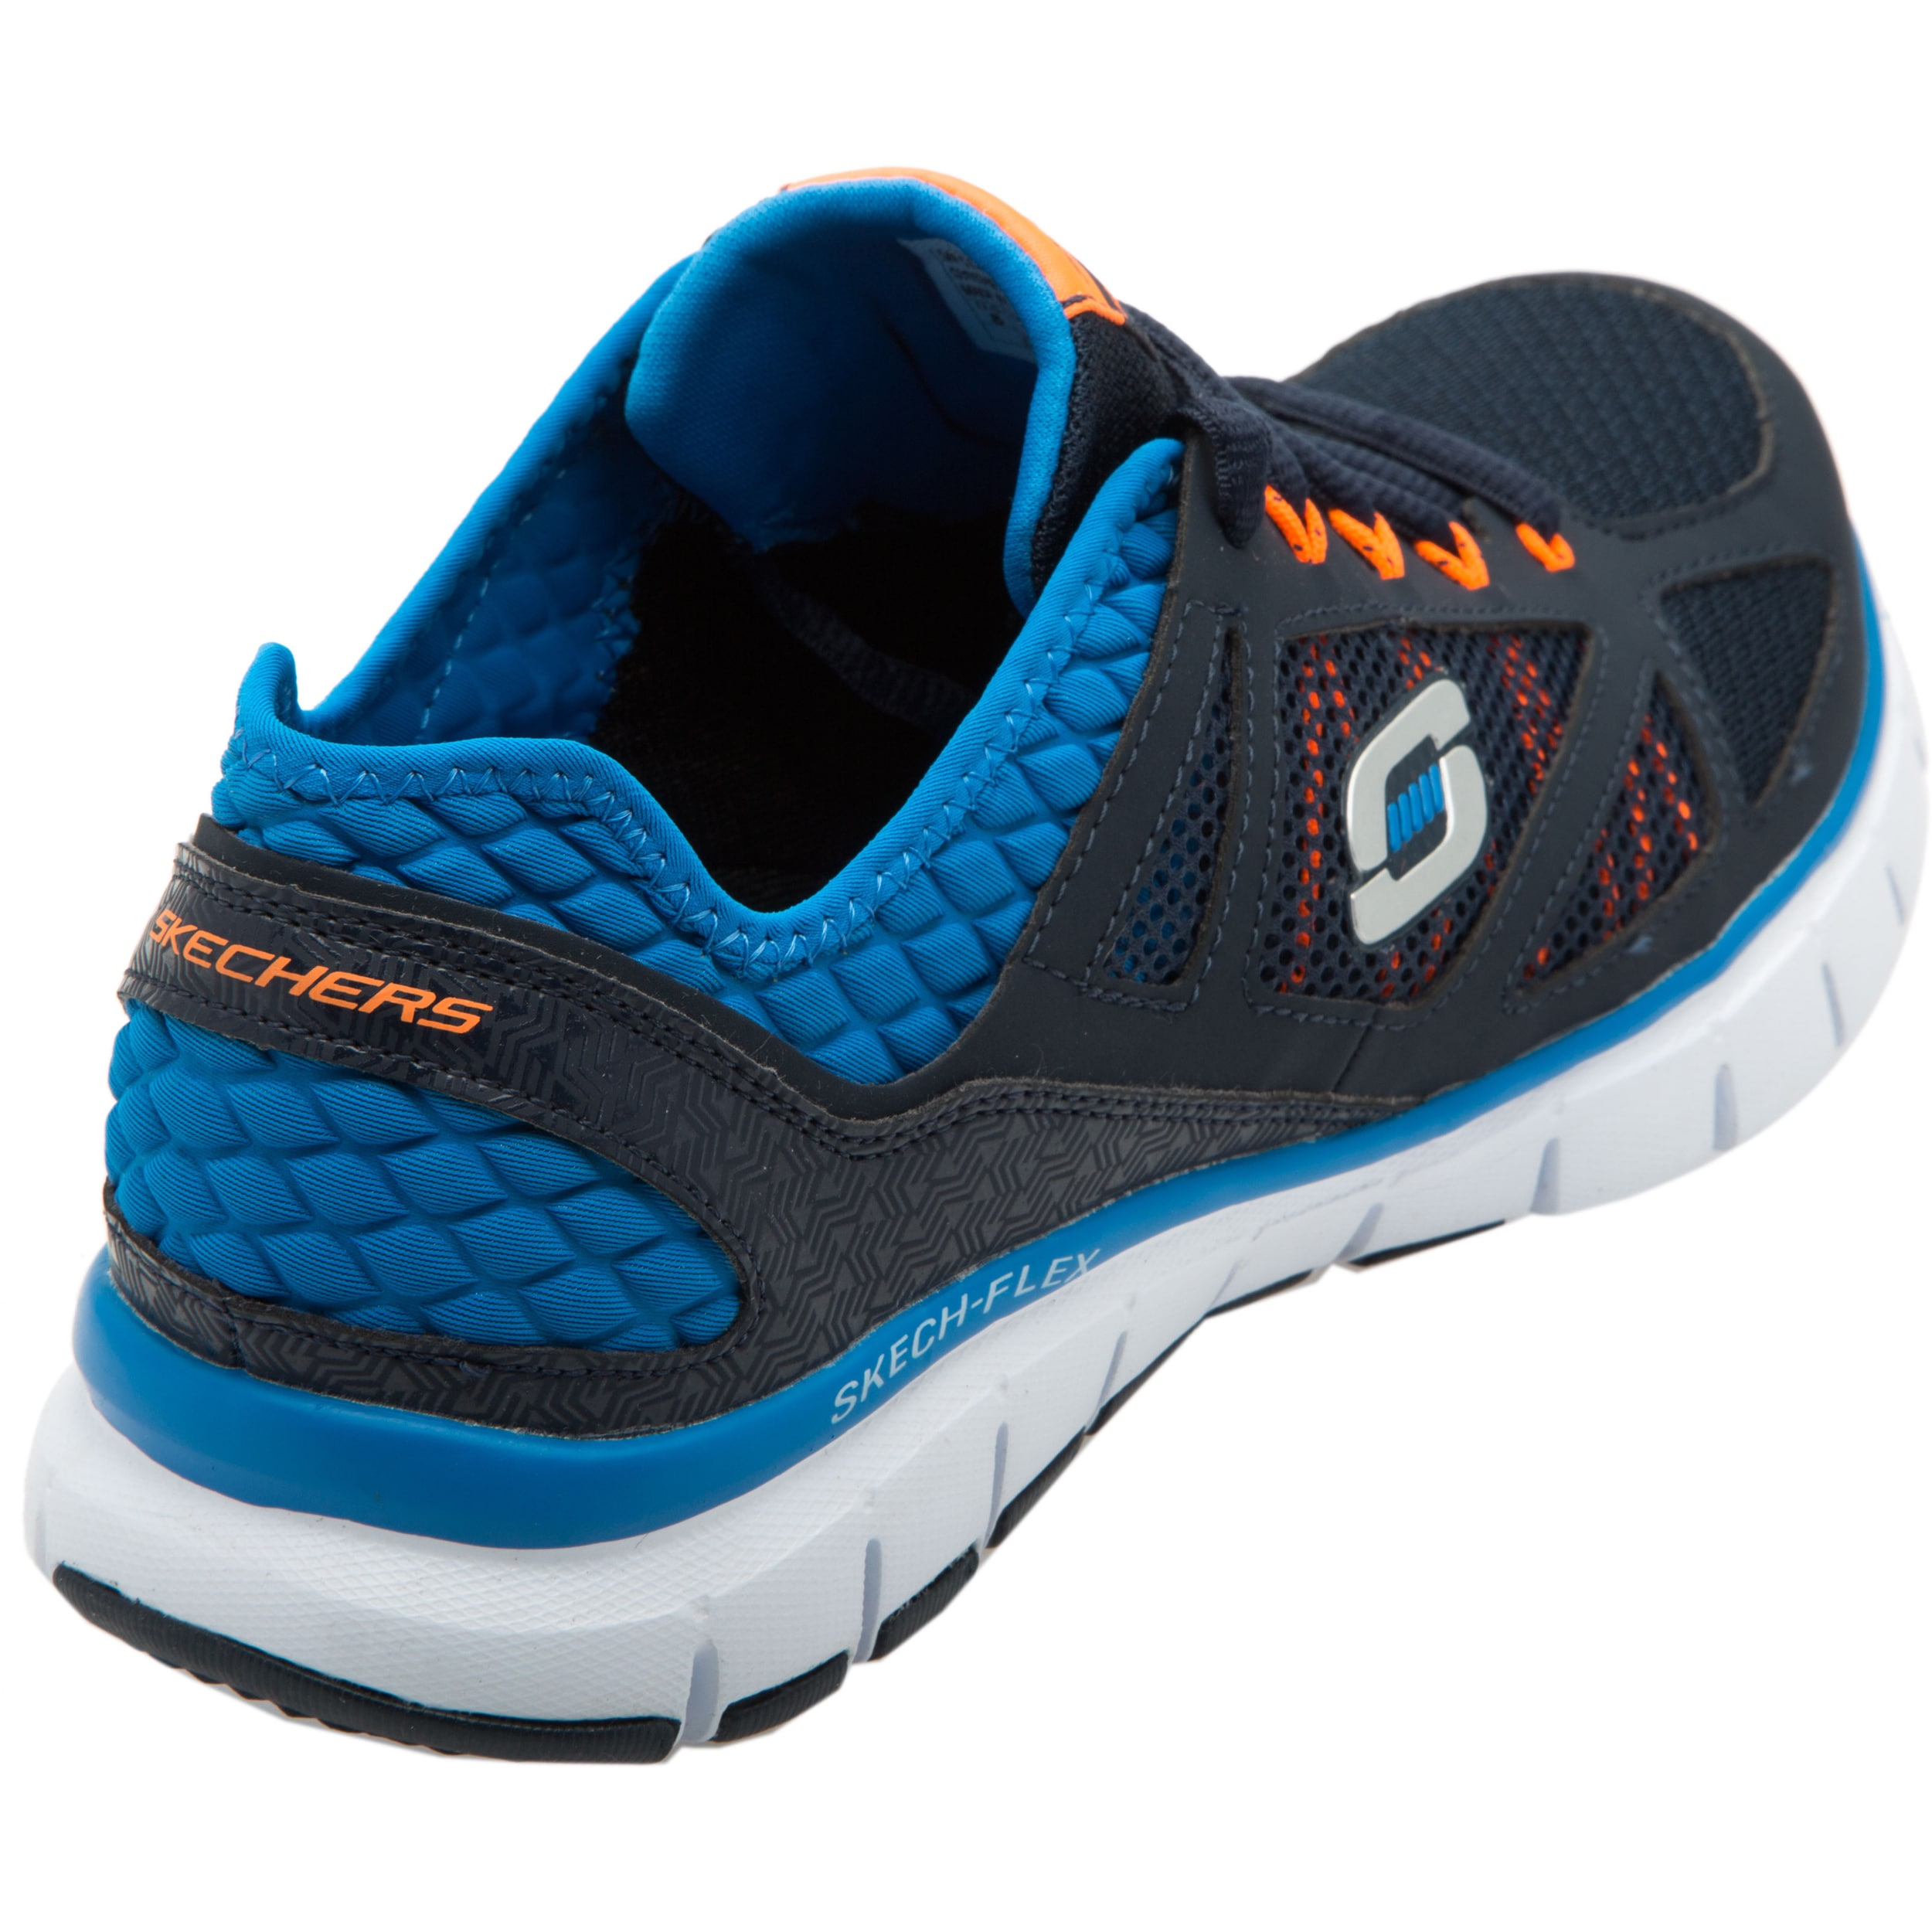 skechers gel sole shoes